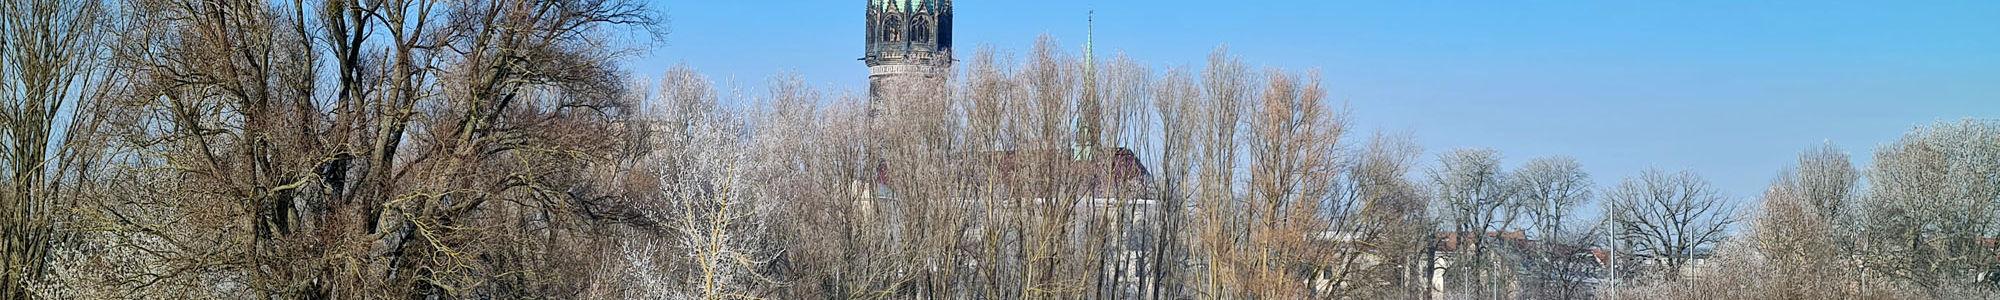 Wittenberger Schlosskirche im Winter